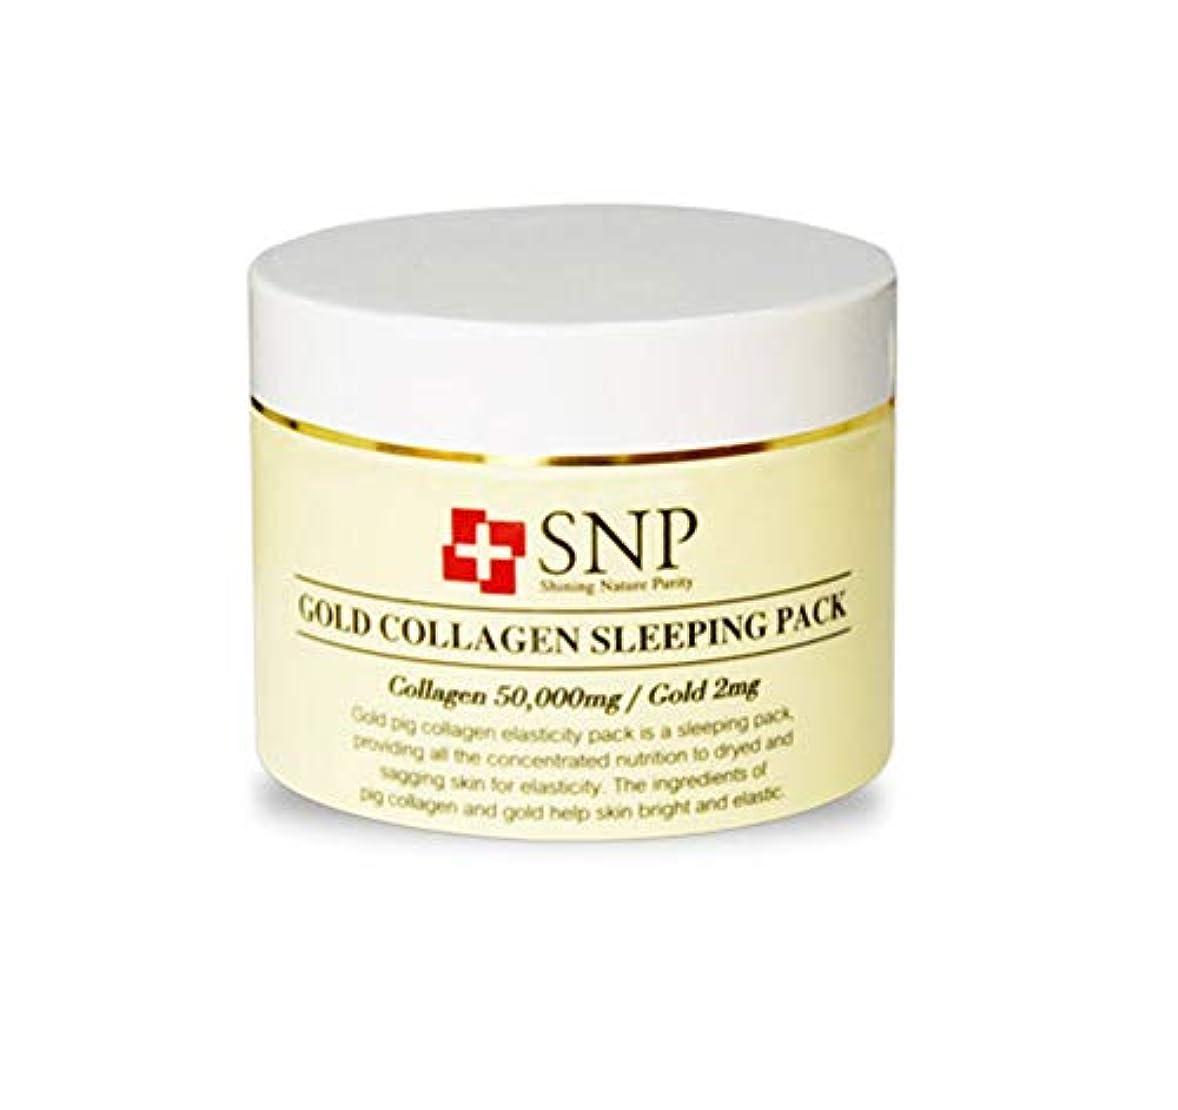 タフ火山書店エスエンピSNP 韓国コスメ ゴールドコラーゲンスリーピングパック睡眠パック100g 海外直送品 SNP Gold Collagen Sleeping Pack Night Cream [並行輸入品]